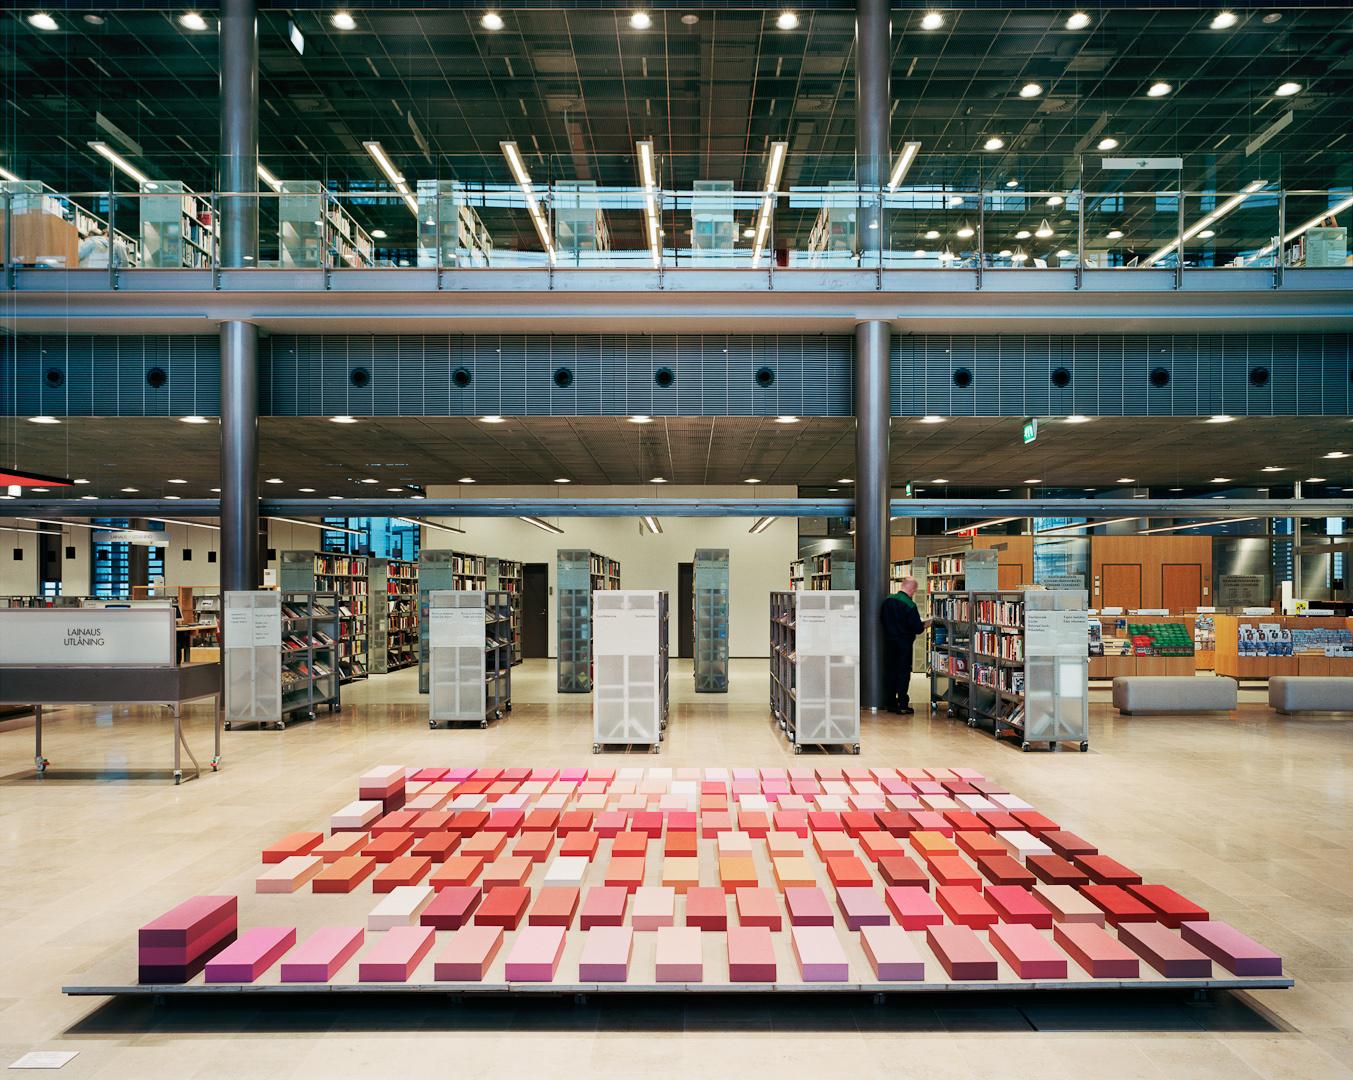 Sello Library | Artwork by Silja Rantanen